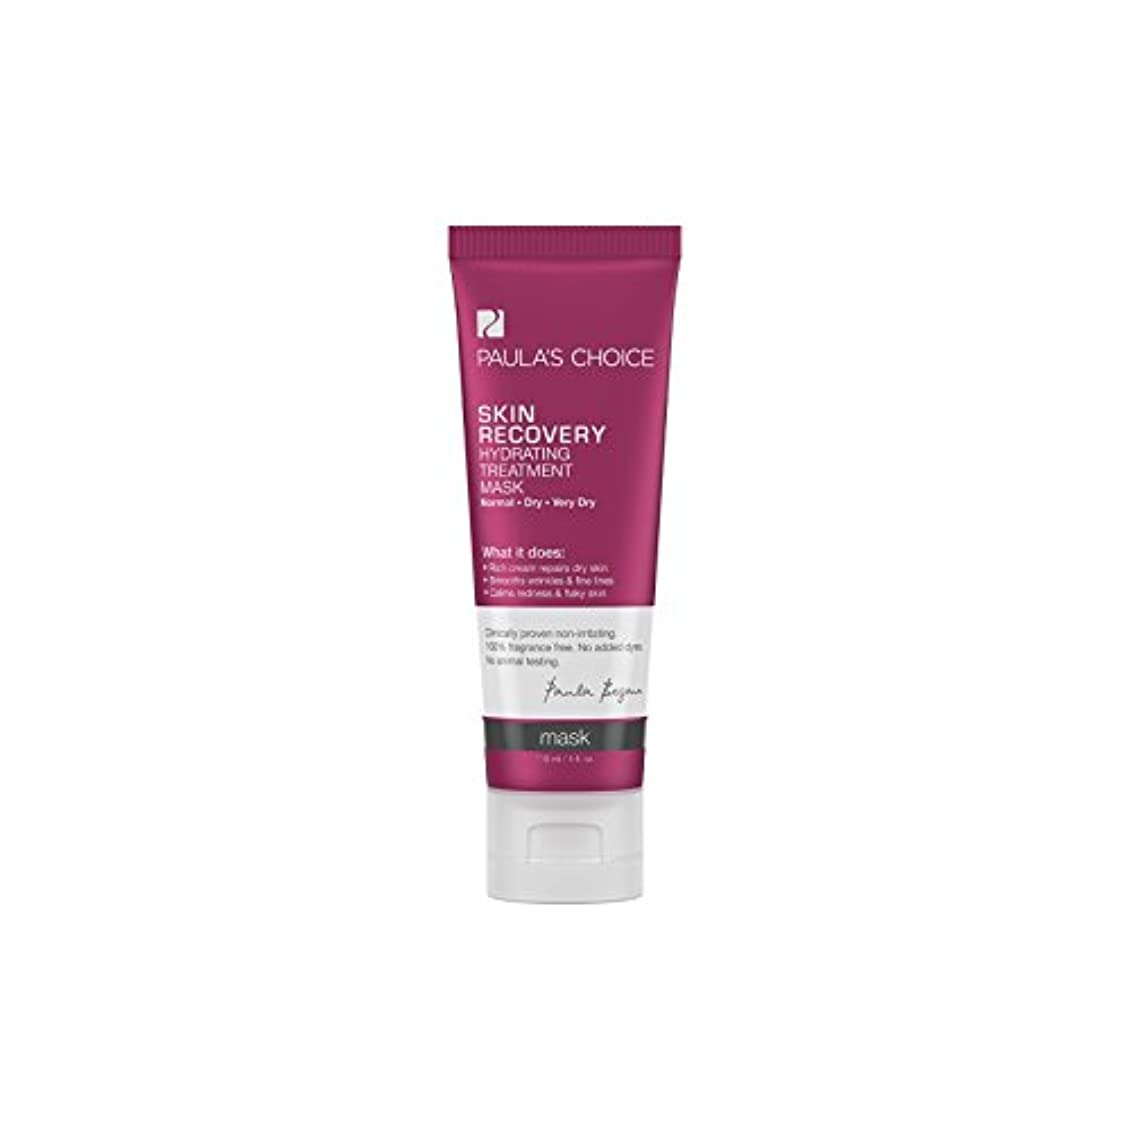 ロケット不当会員Paula's Choice Skin Recovery Hydrating Treatment Mask (118ml) (Pack of 6) - ポーラチョイスの肌の回復水和処理マスク(118ミリリットル) x6...